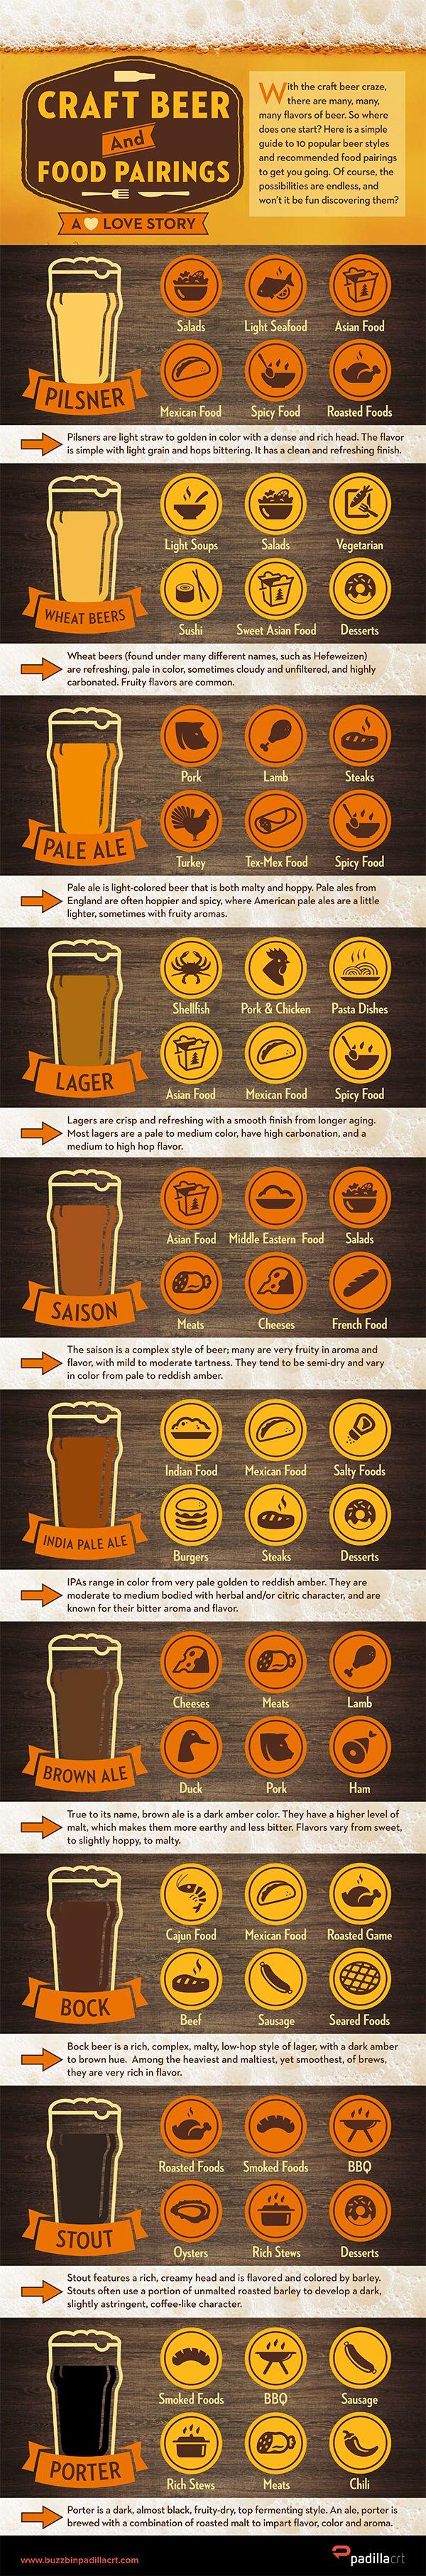 harmonização cerveja infografico - Pesquisa Google                                                                                                                                                      More